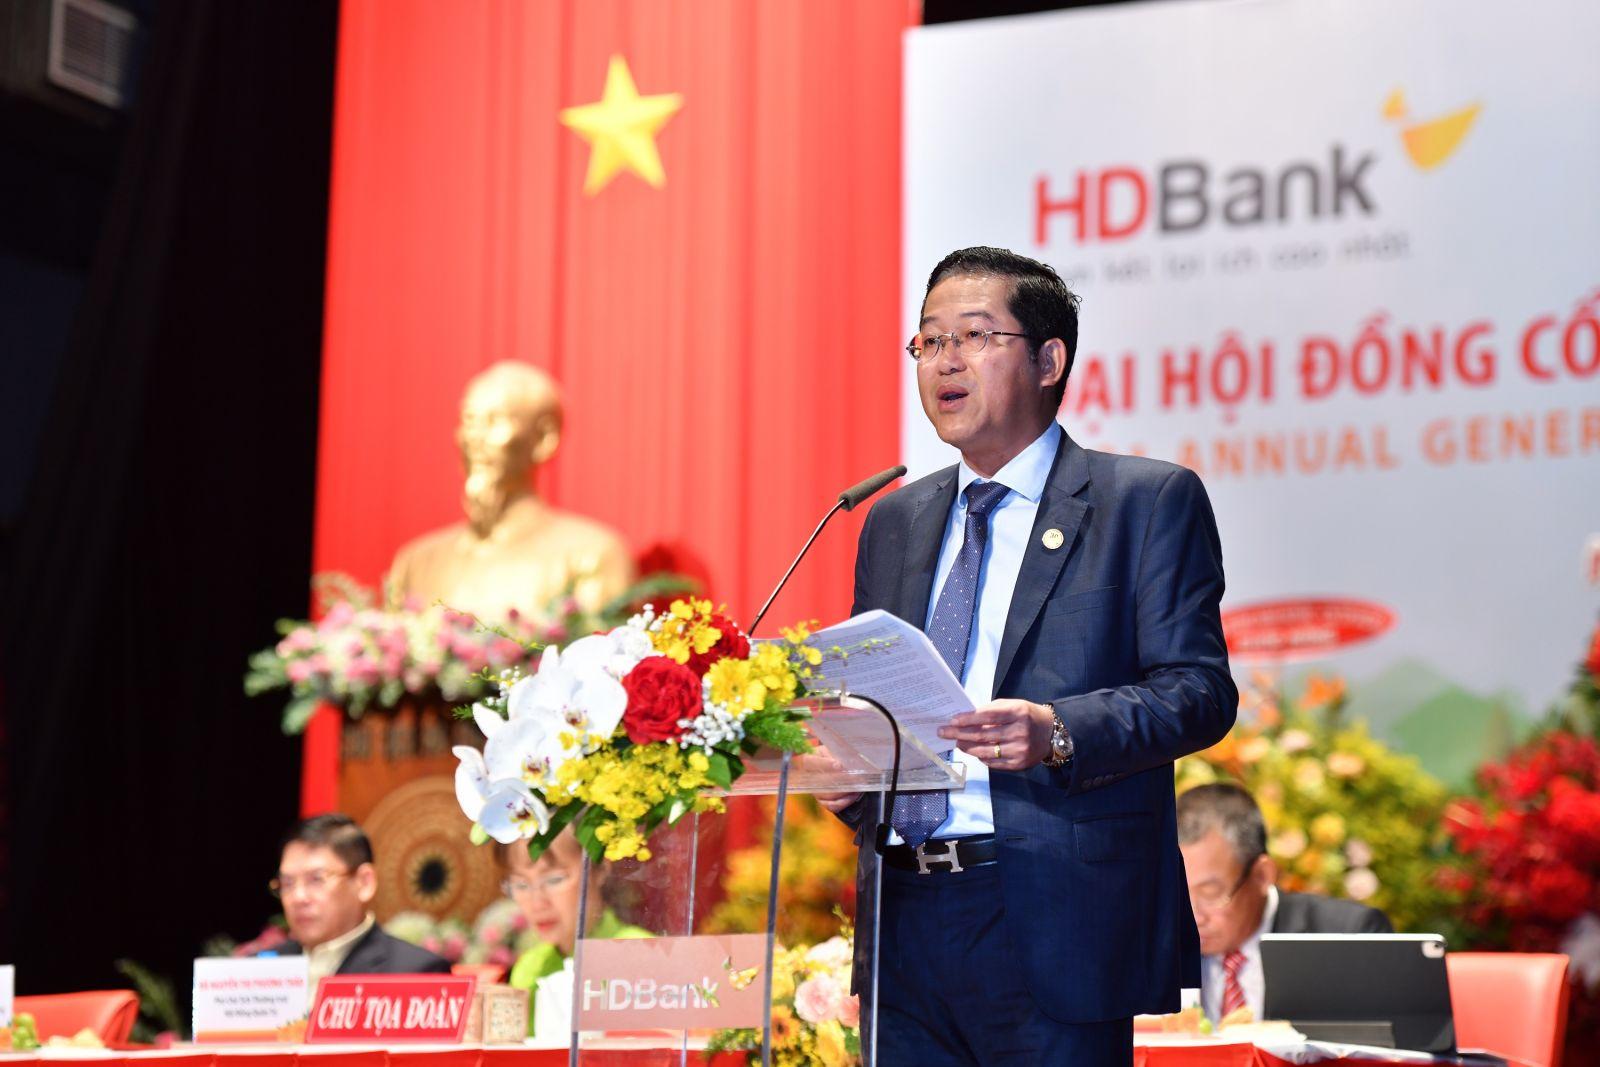 Ông Phạm Quốc Thanh - Tổng Giám đốc HDBank trình bày Báo cáo Kết quả hoạt động kinh doanh năm 2020 và Kế hoạch Kinh doanh năm 2021 của Tổng Giám đốc